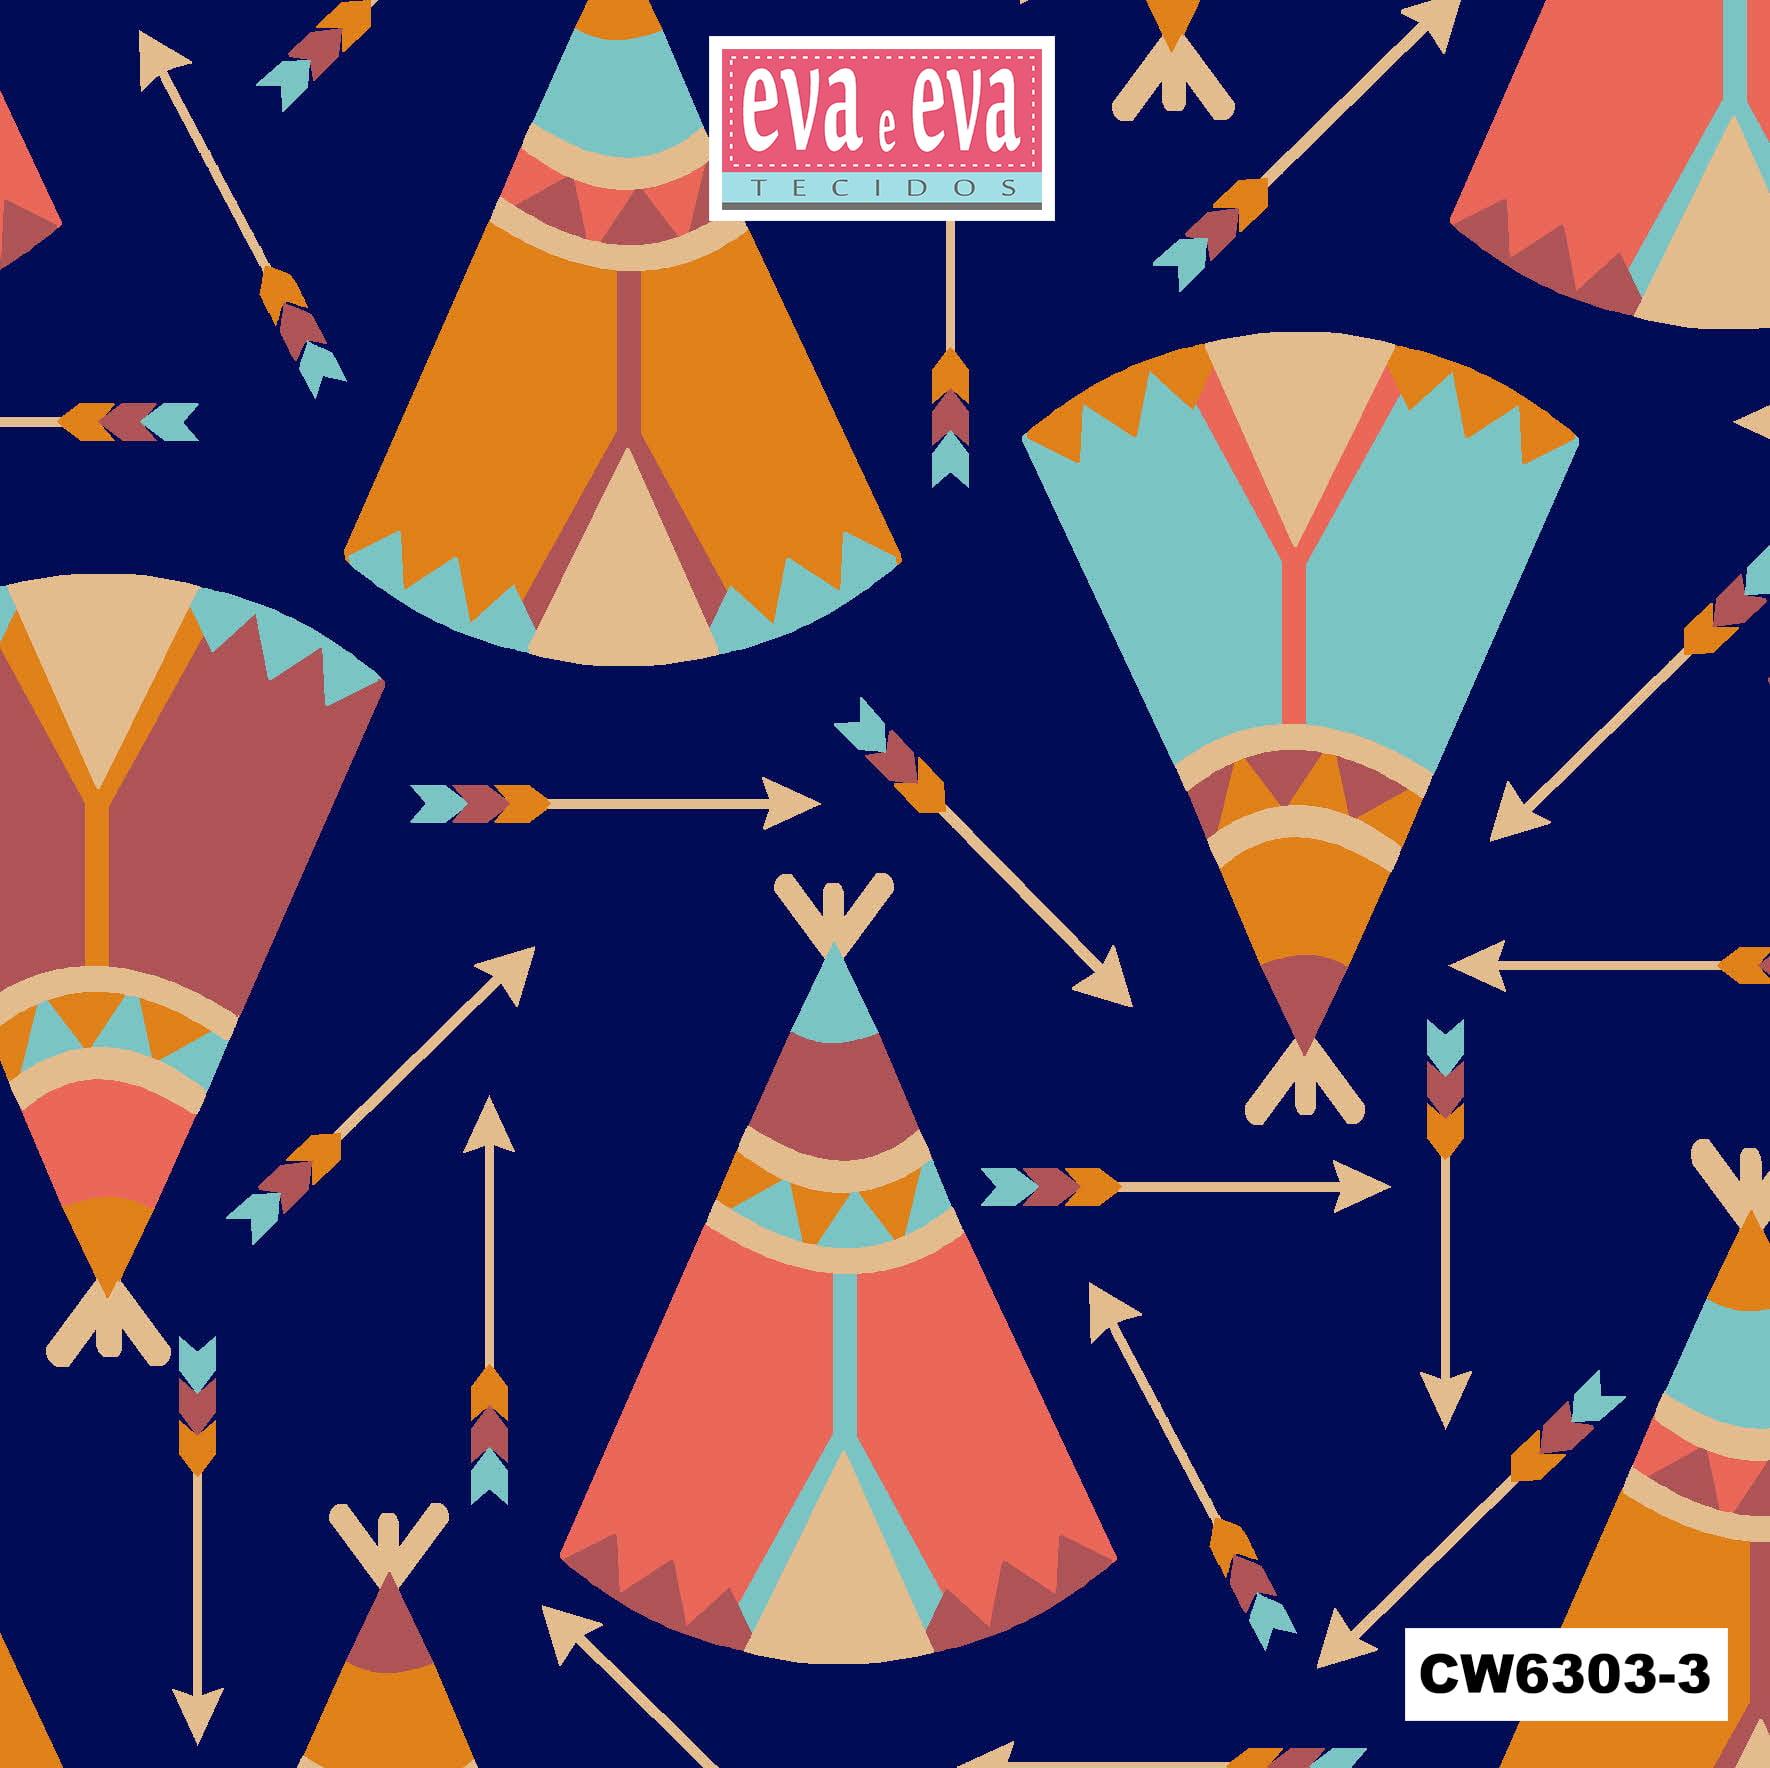 Tecido tricoline estampada da Eva e Eva -  Coleção Cowboys e Indios - CW6303-3